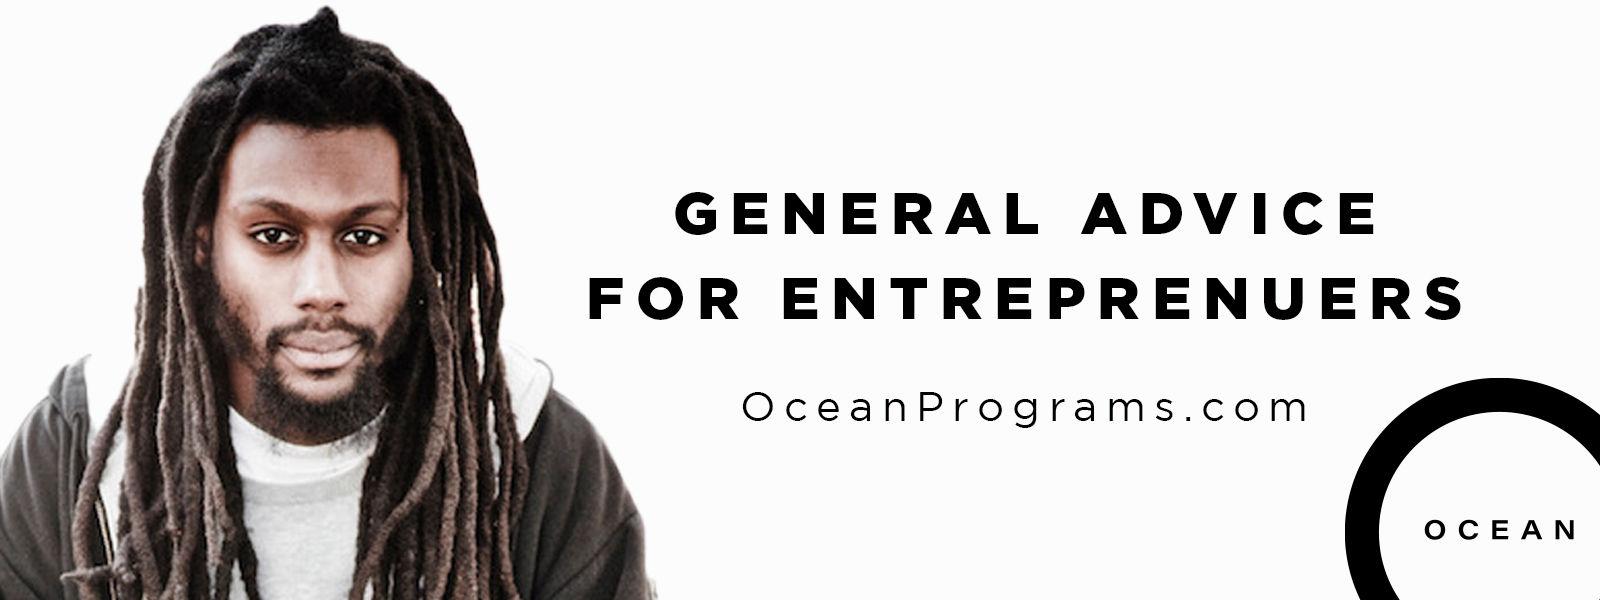 General Advice for Entrepreneurs